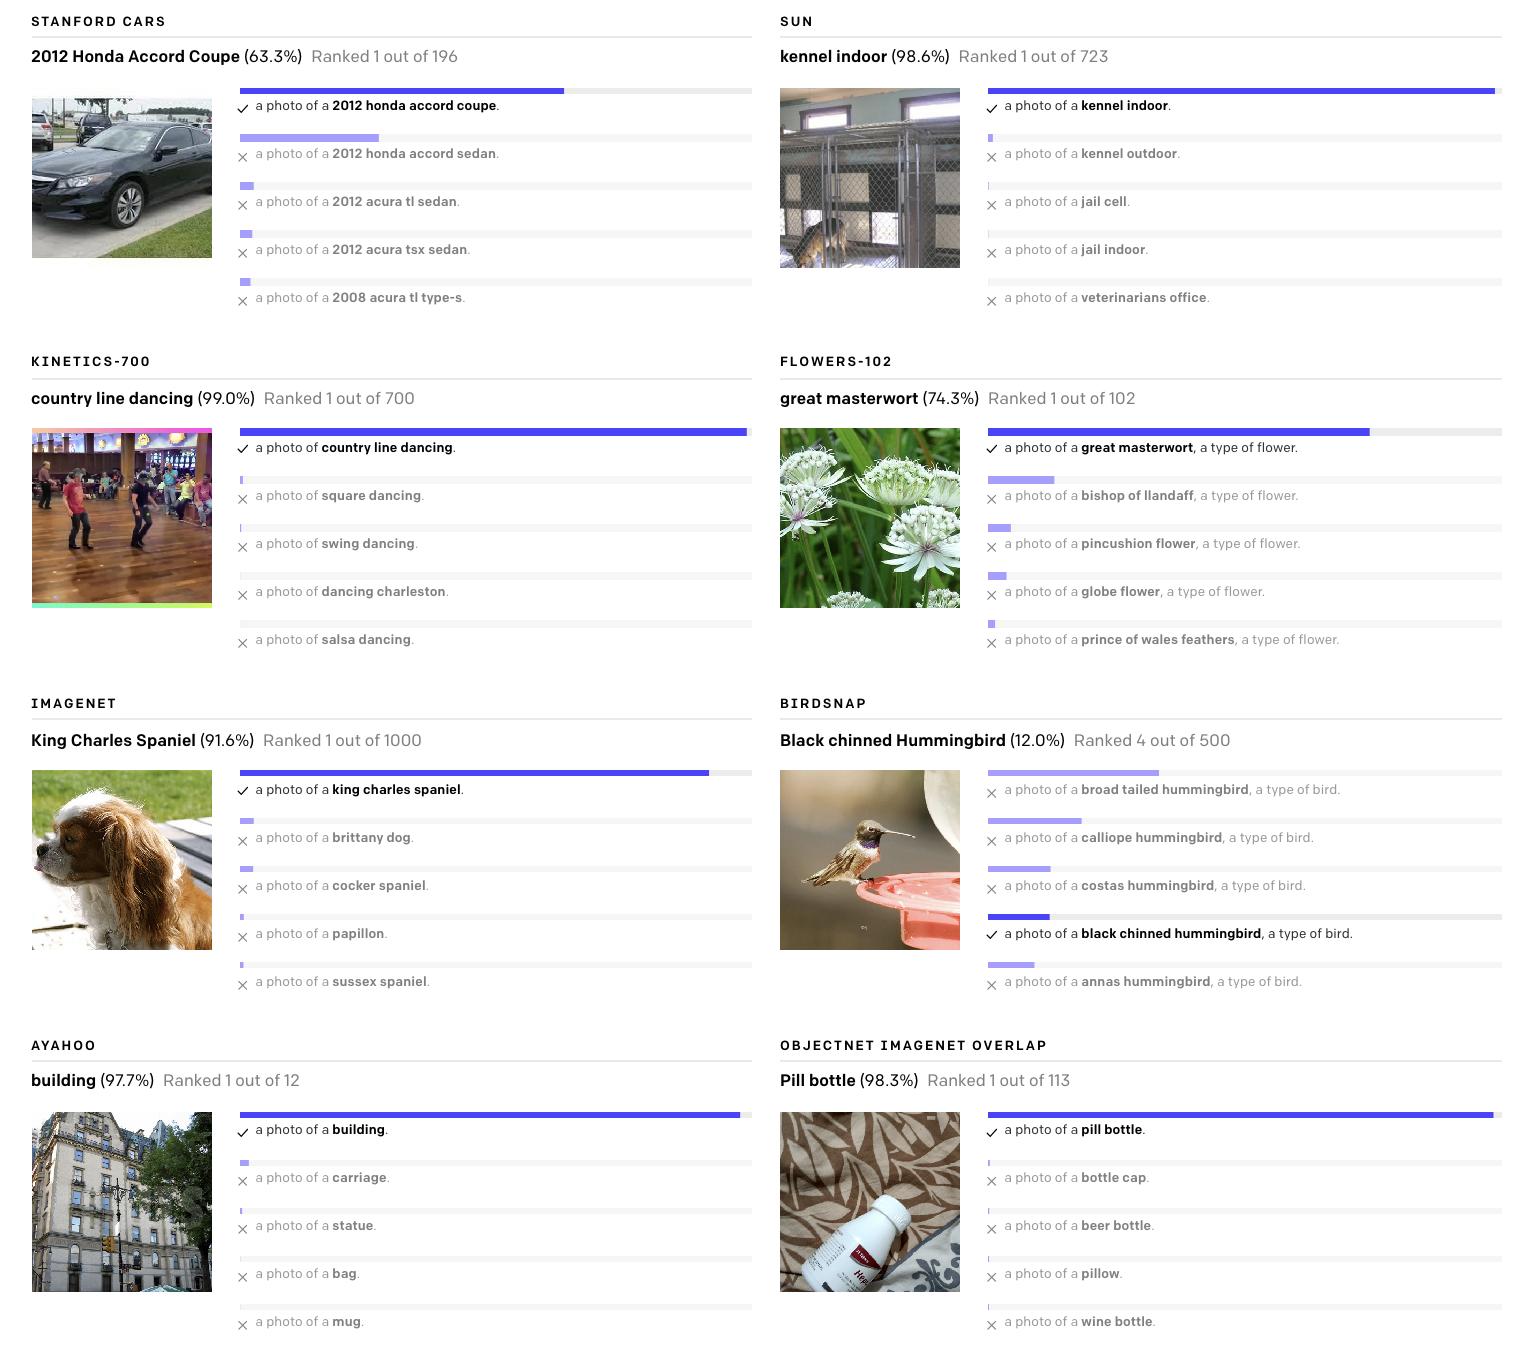 """Пример классификации изображений нейронной сетью CLIP методом """"обучения без обучения"""" на различных датасетах, включая ImageNet"""